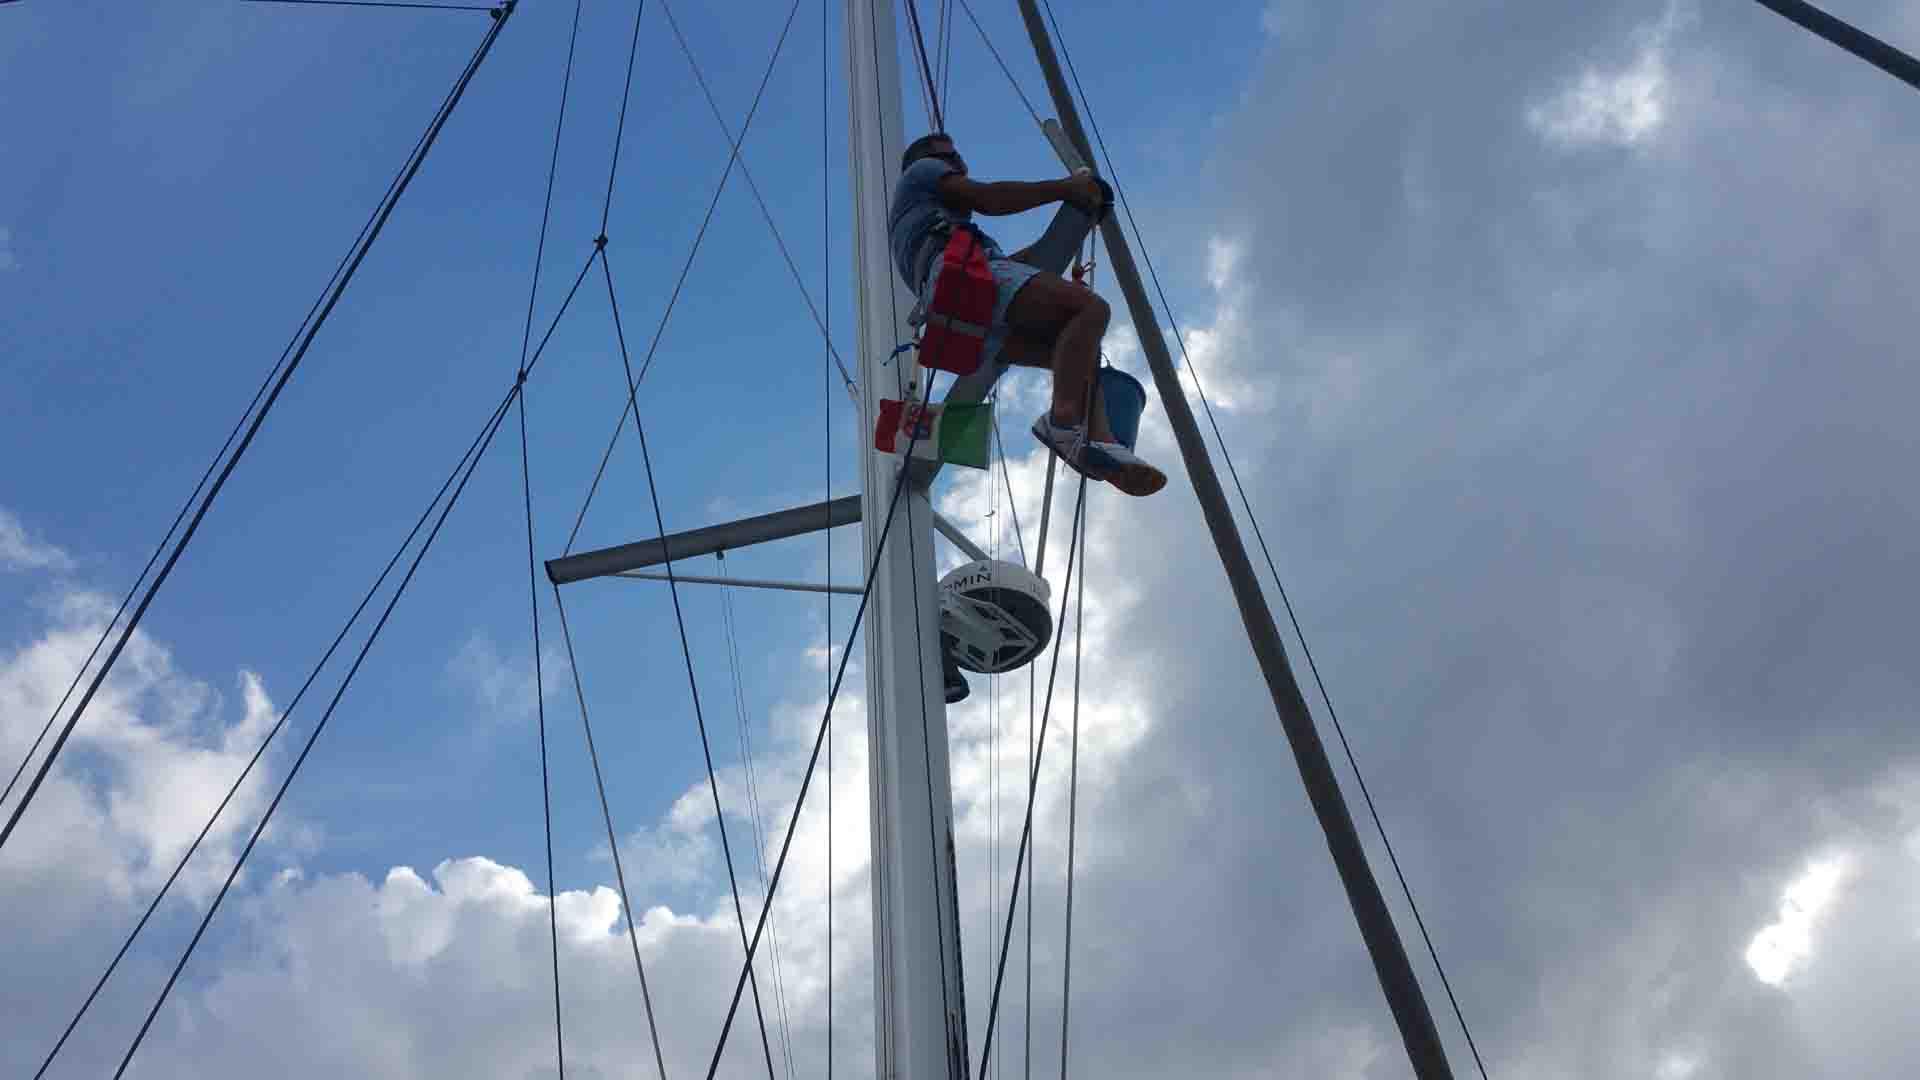 Salita in testa albero lavori manutenzione navigando per le Eolie Fontaine Pajot Saba 50 catamarano barca a vela